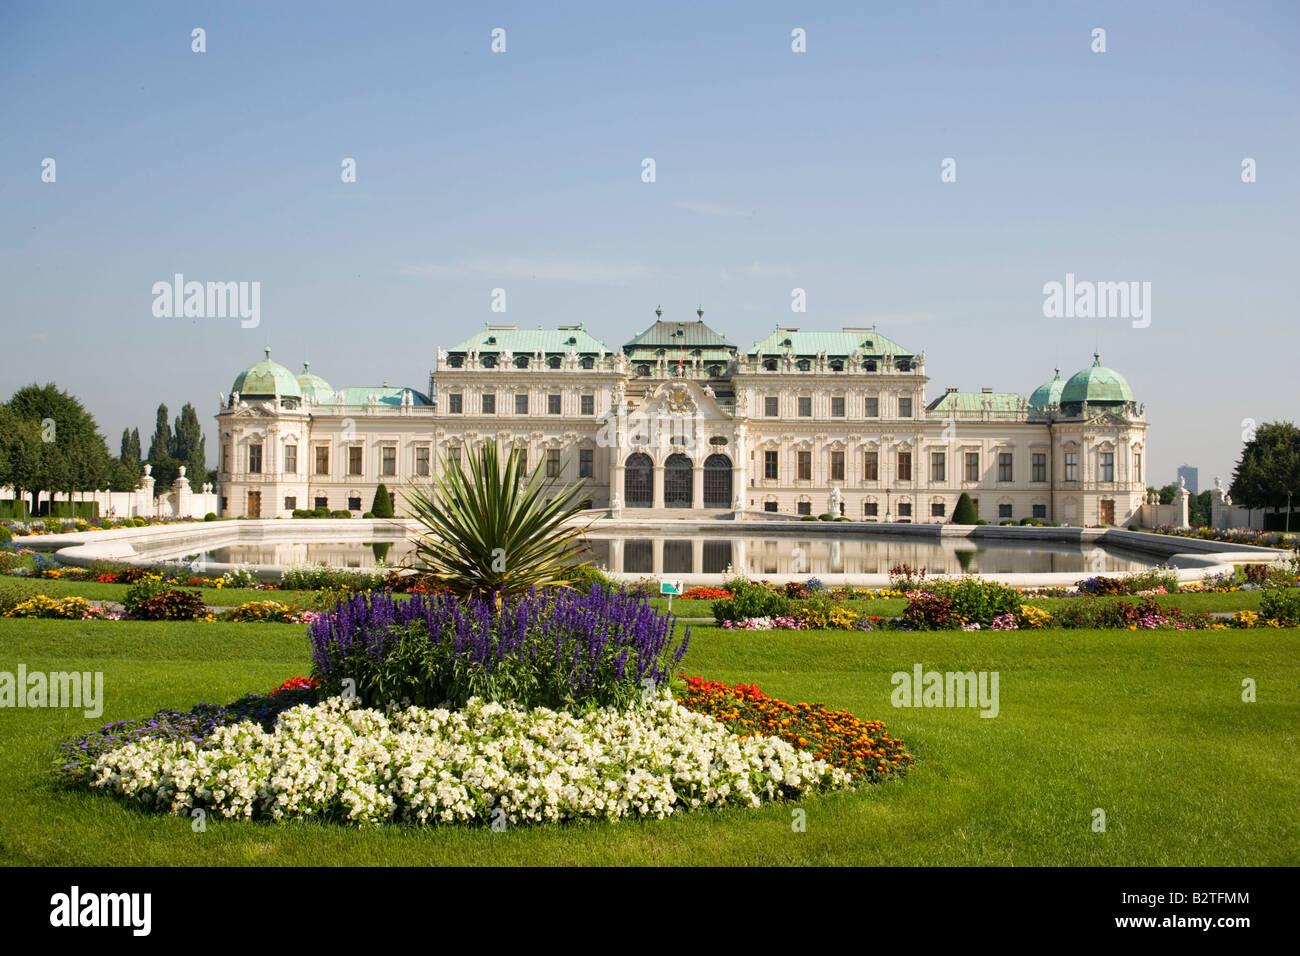 Schloss Belvedere, la casa de el Príncipe Eugenio de Saboya, Viena, Austria Foto de stock